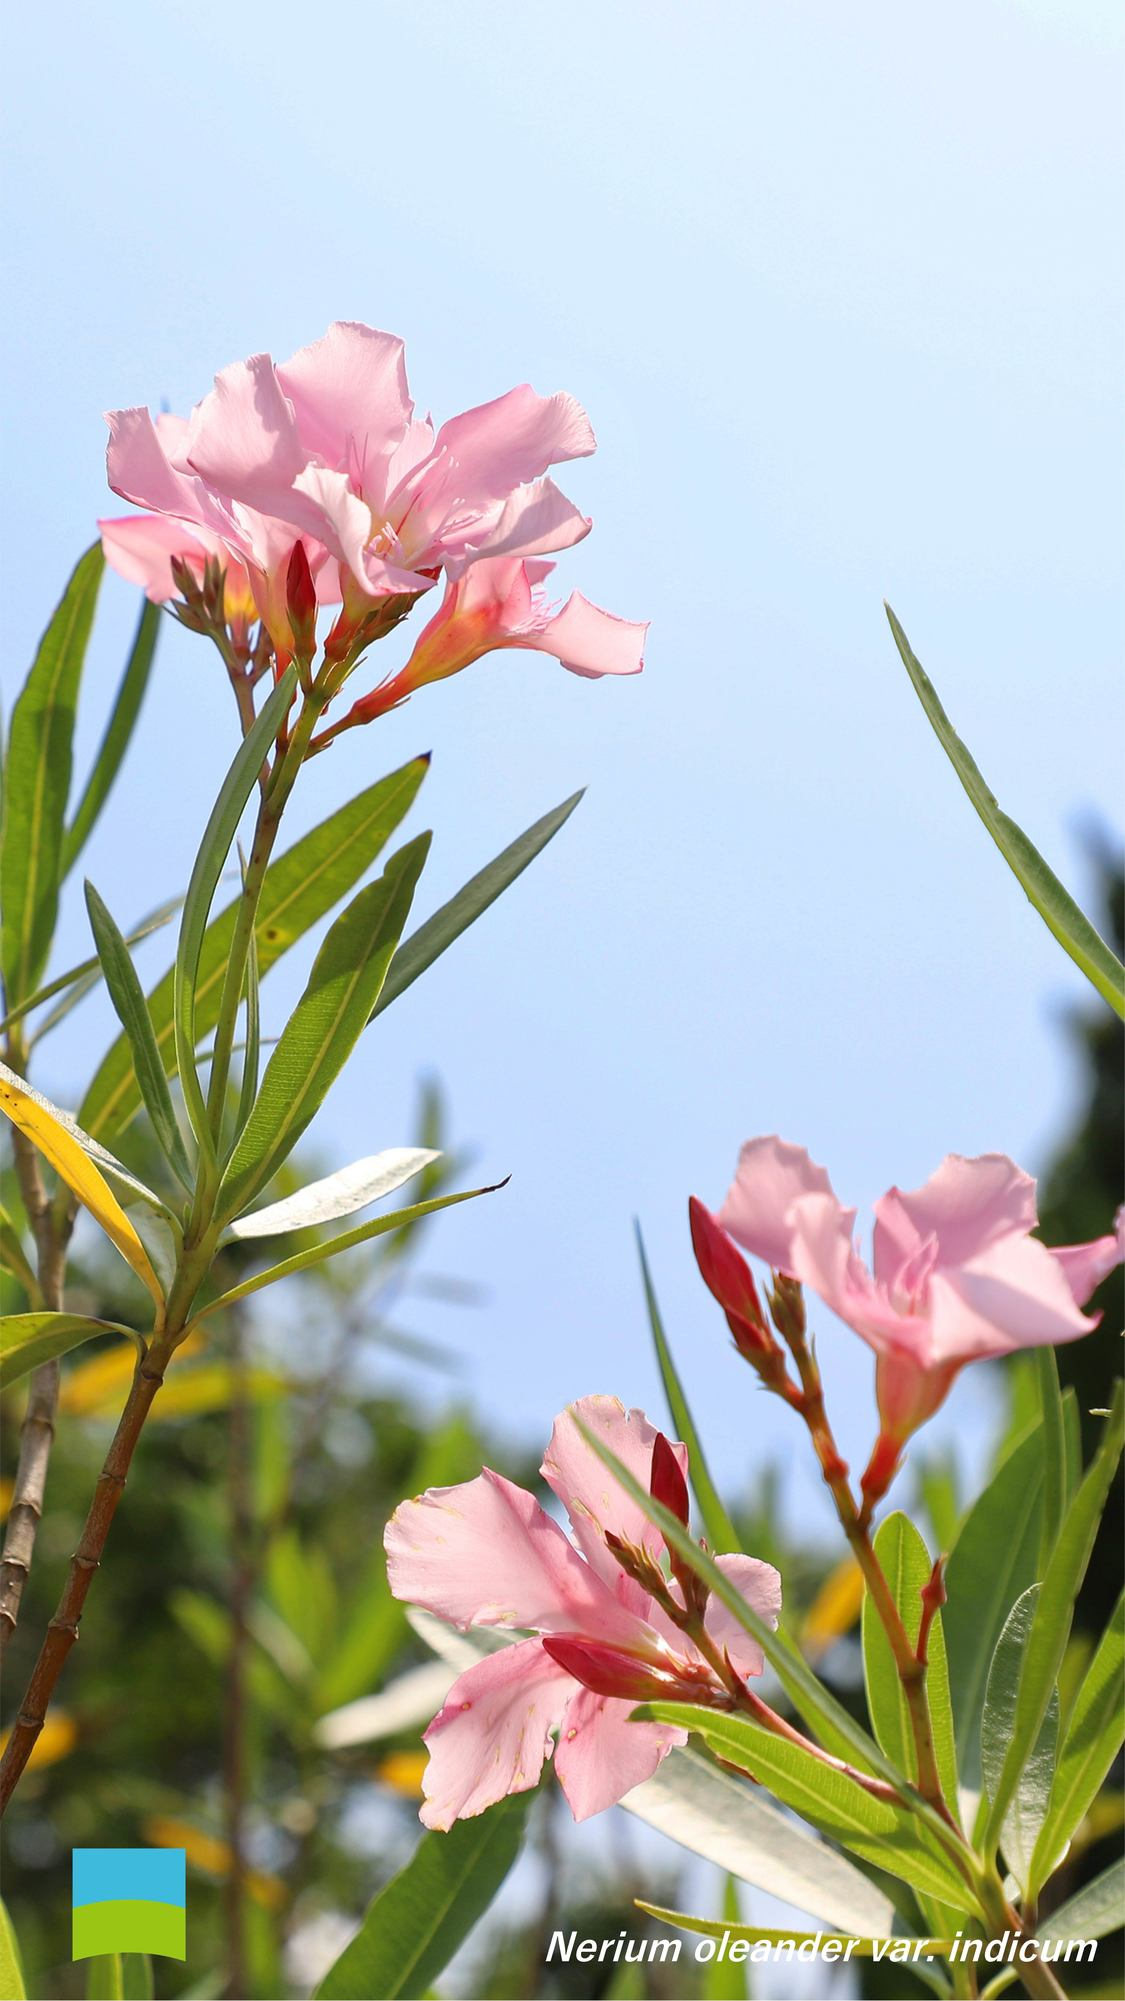 【7月】Nerium oleander var. indicum【Android】